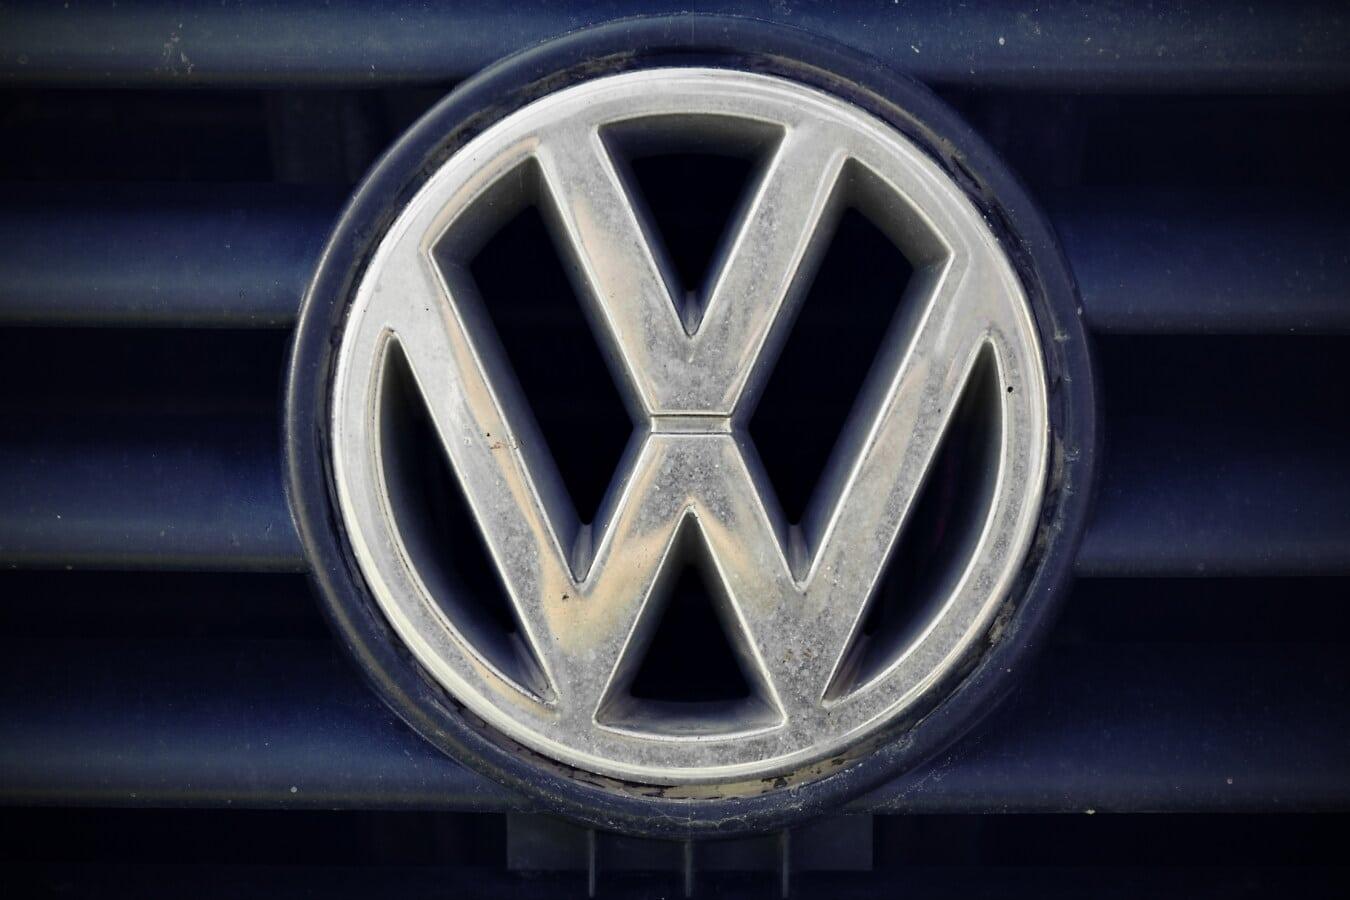 symbole, Allemagne, voiture, style ancien, vieux, en détail, démodé, carie, métalliques, chrome